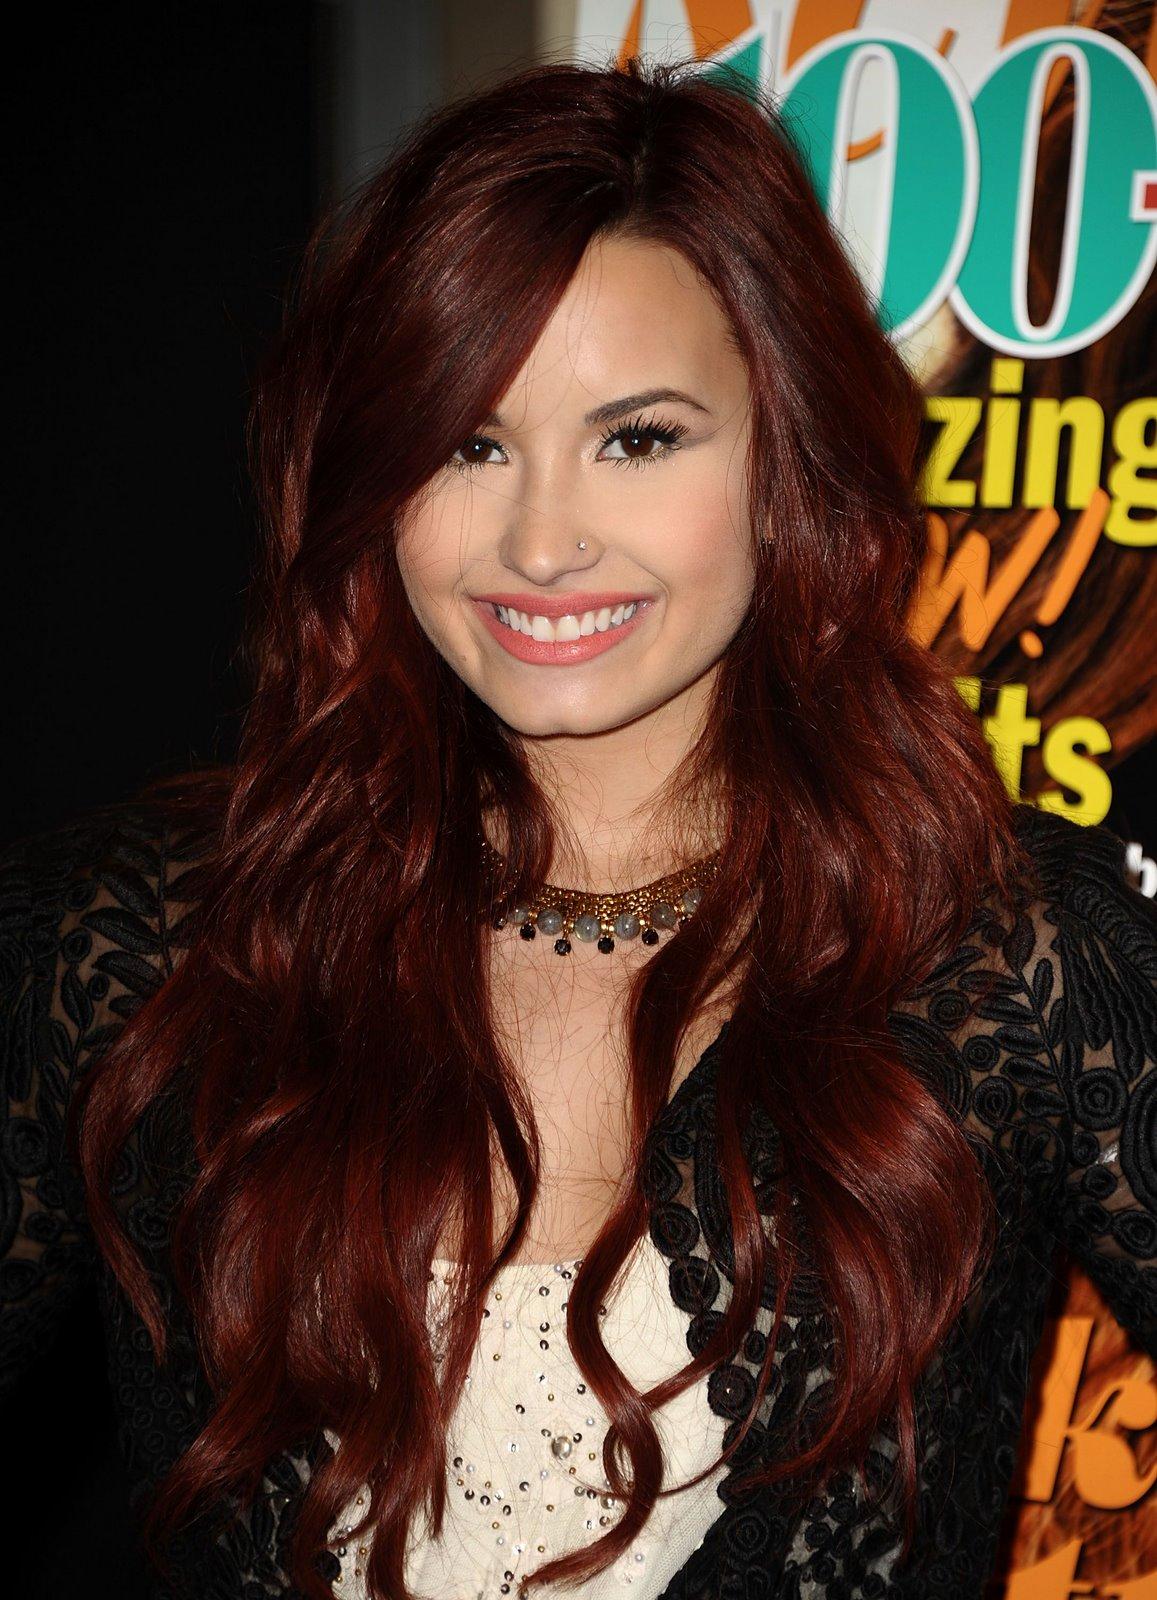 Baño De Color Rojo En Pelo Castano:Demi Lovato